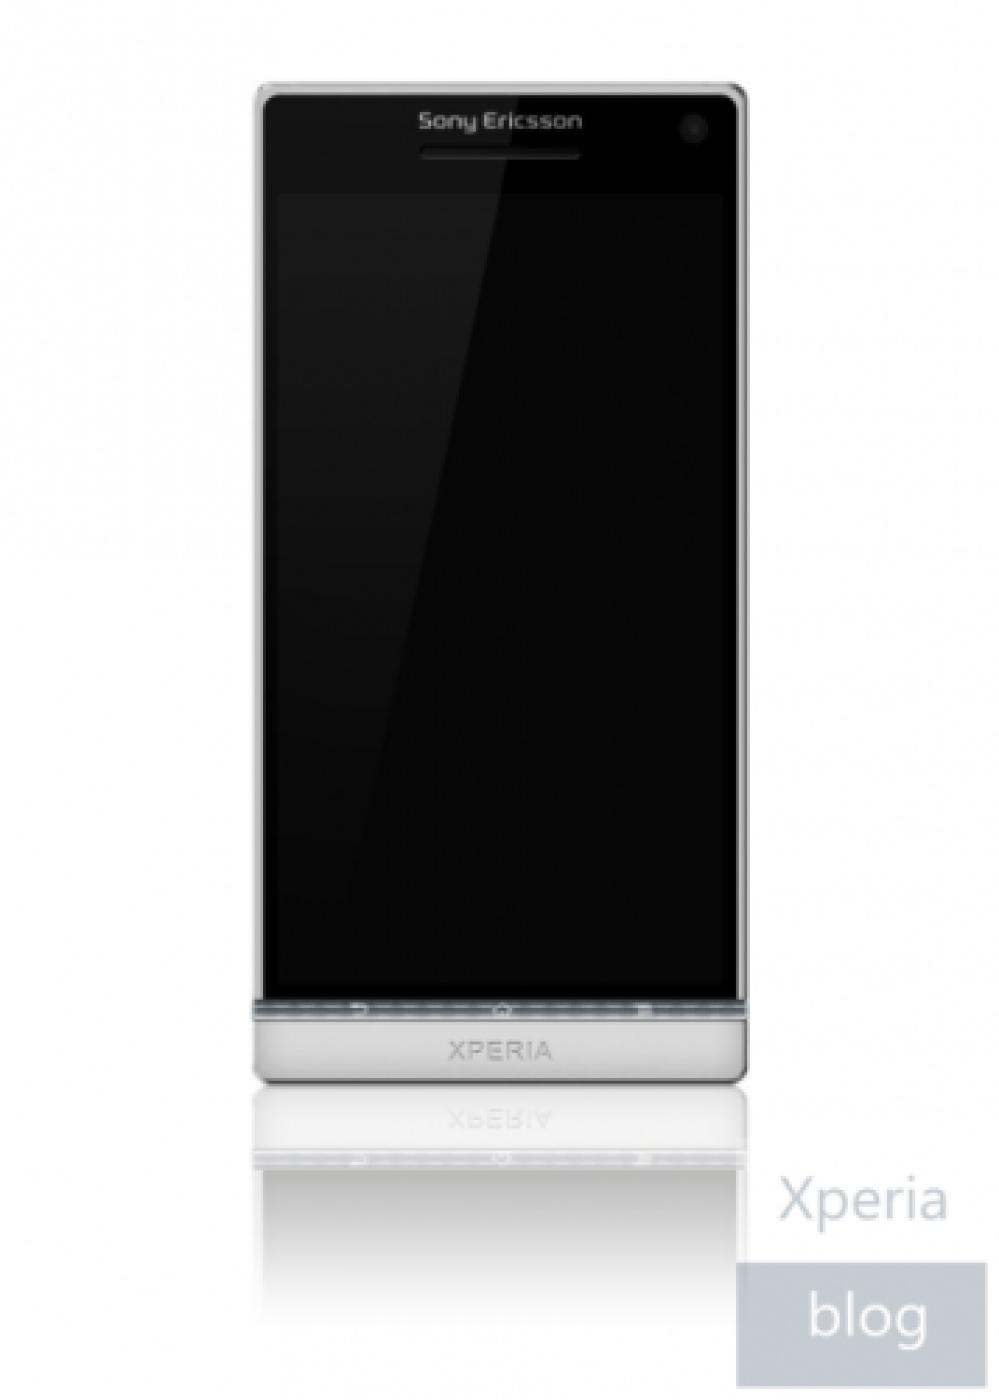 Sony Ericsson Xperia Arc HD (Nozomi), οι πρώτες επίσημες φωτογραφίες